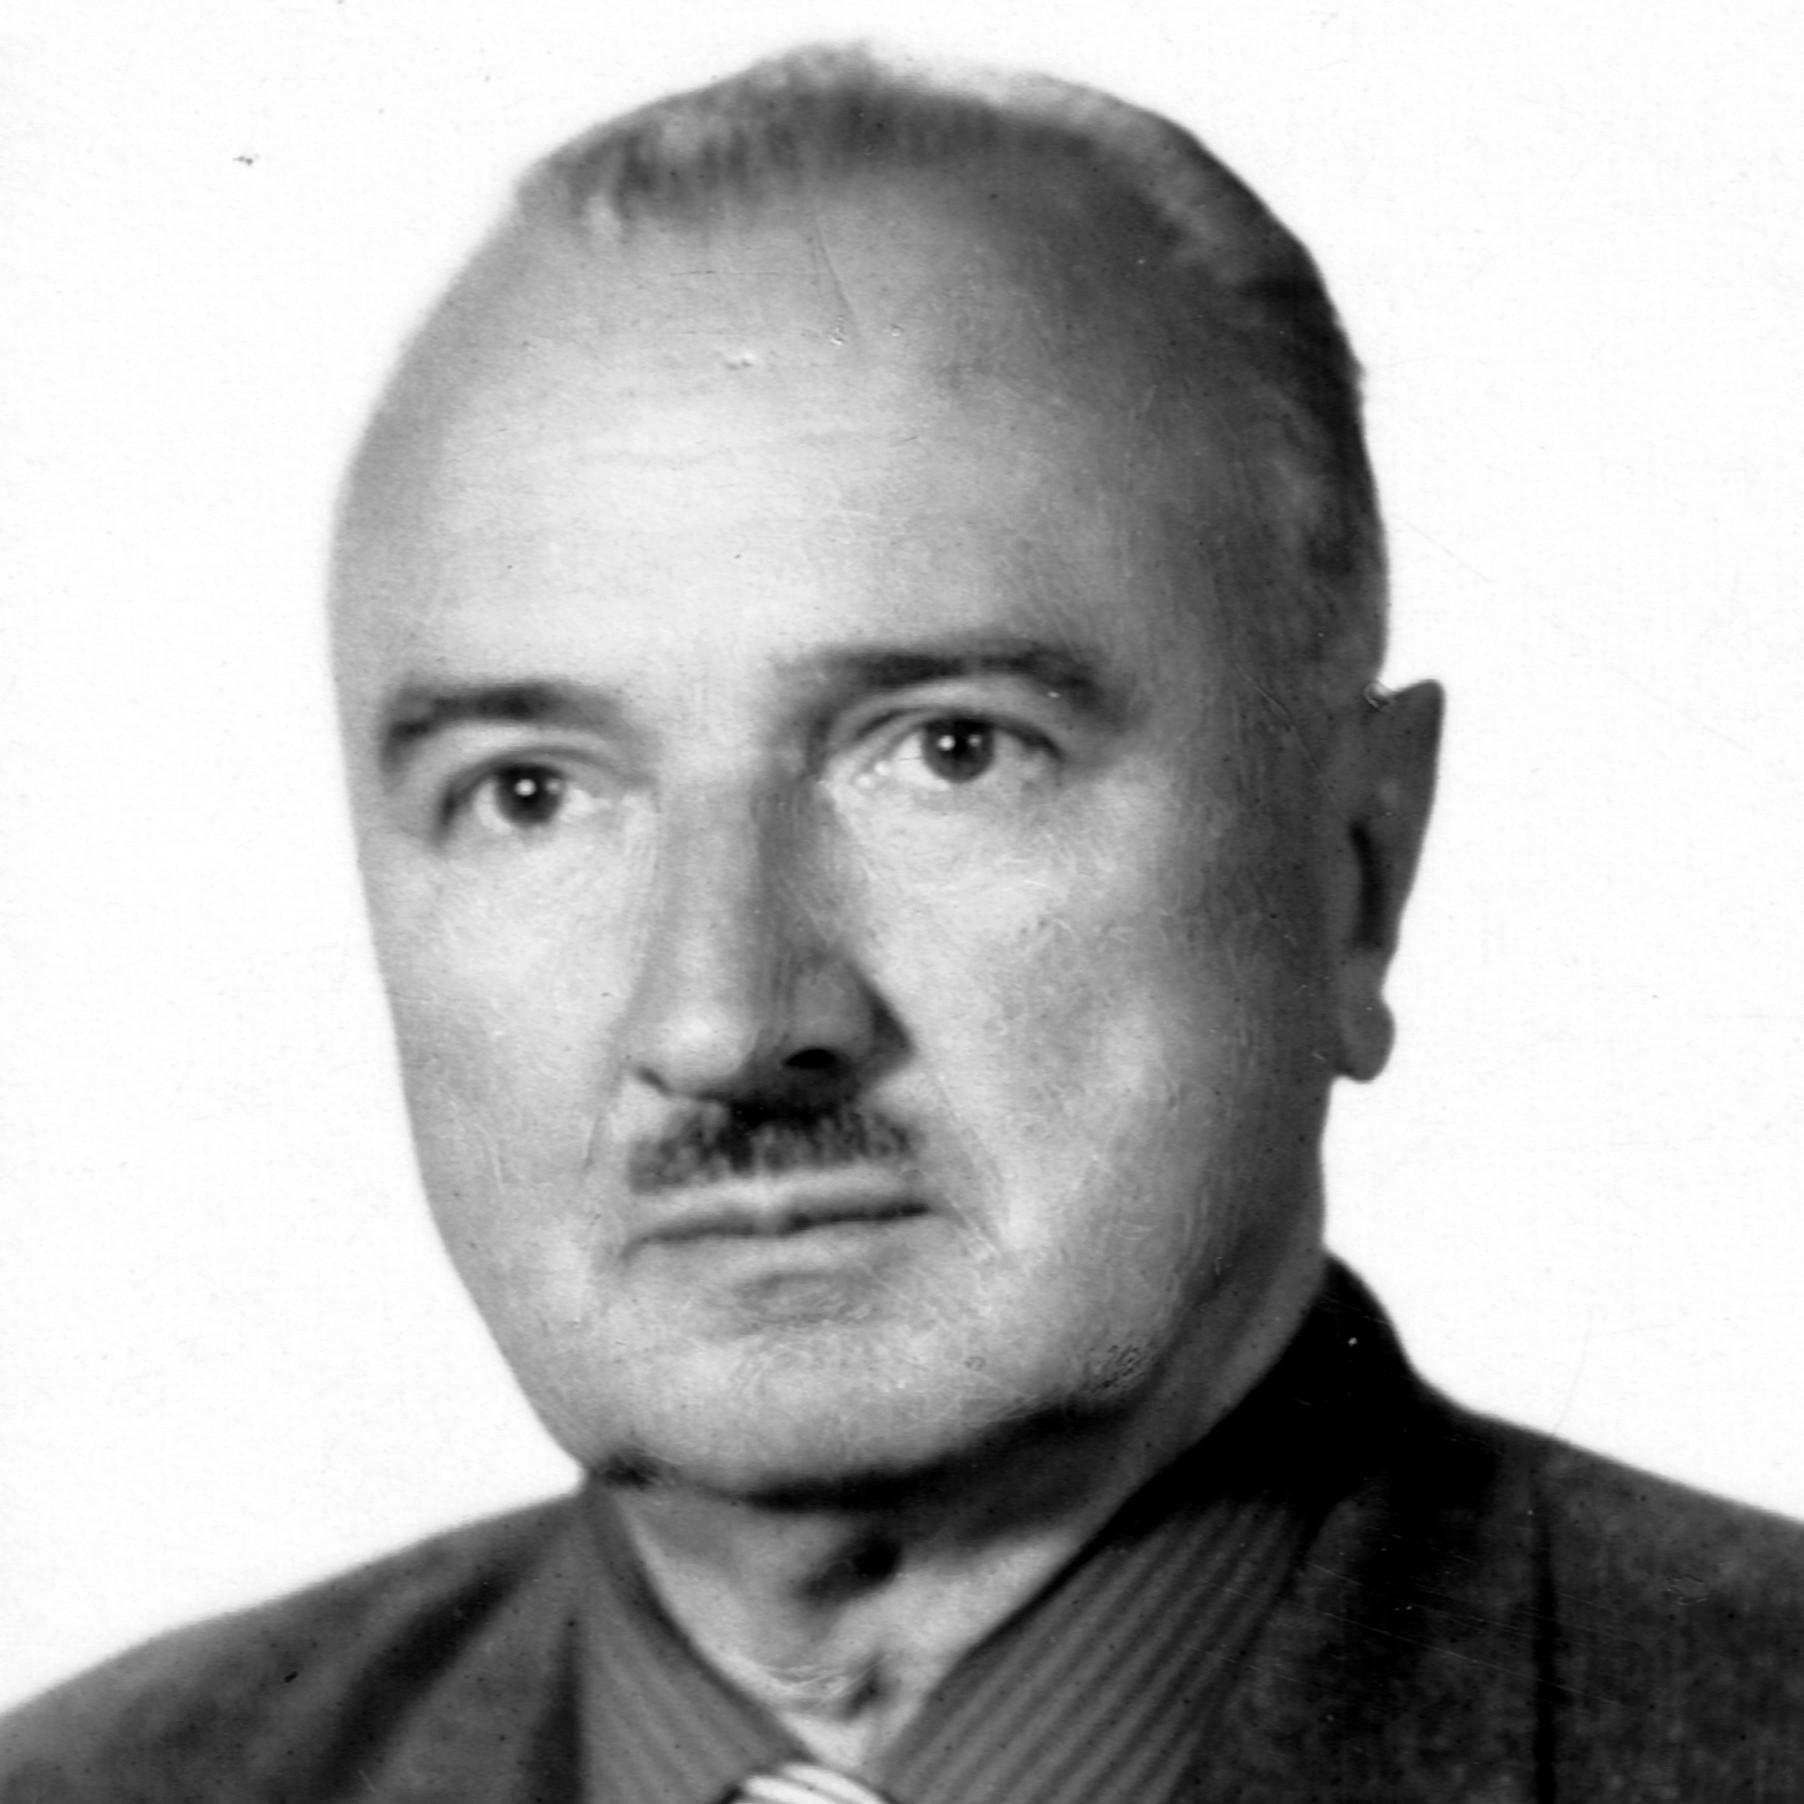 Zygmunt Izdebski